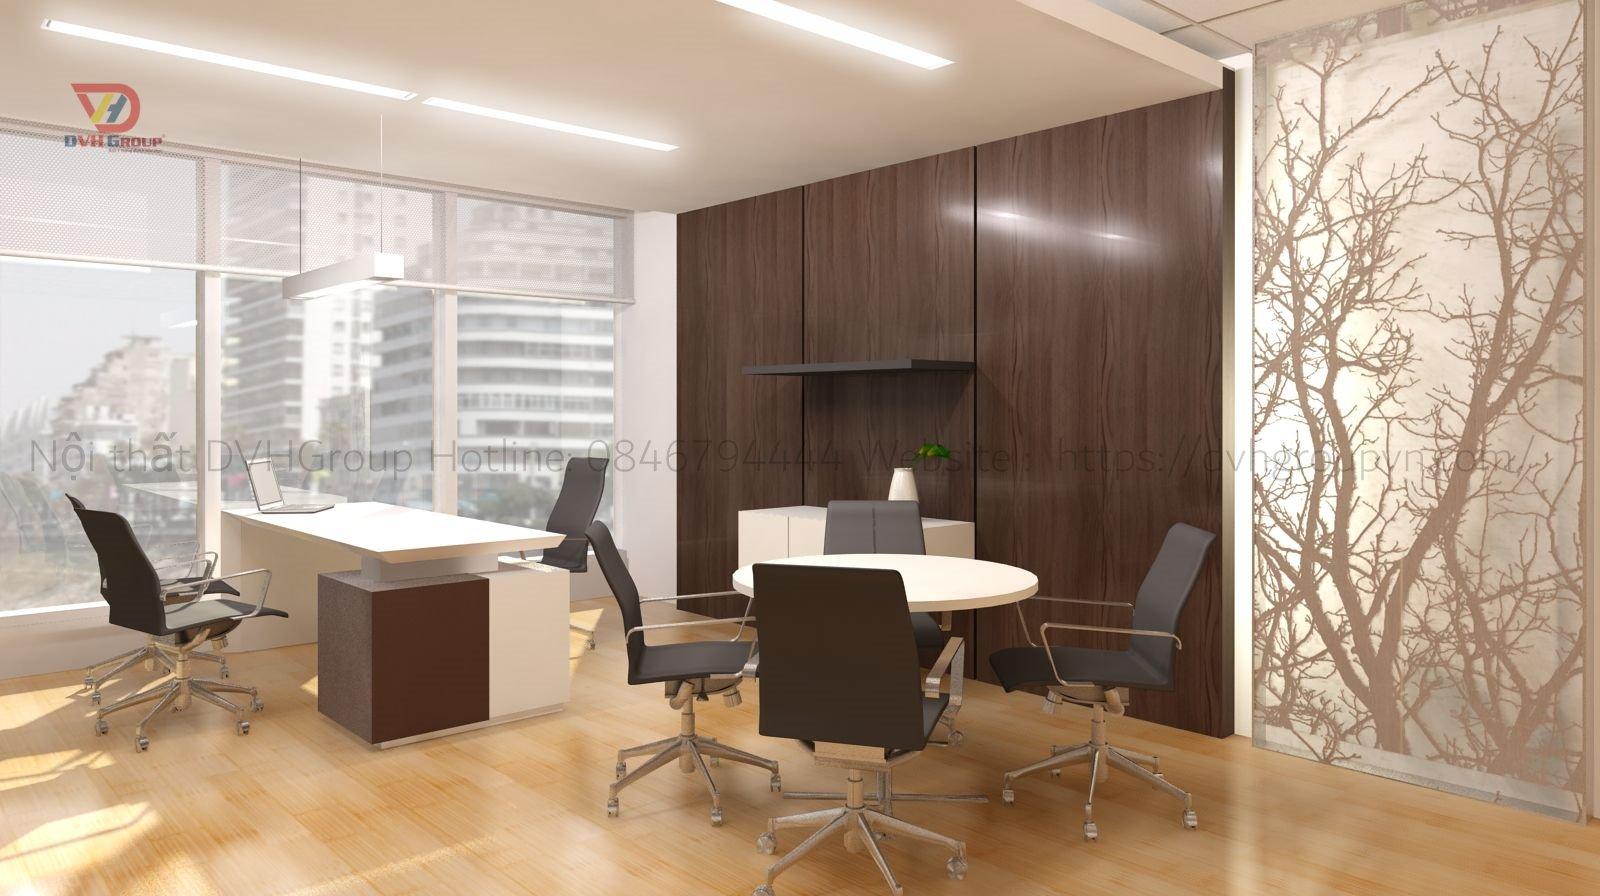 Nội Thất DVHGroup - Thiết kế nội thất văn phòng